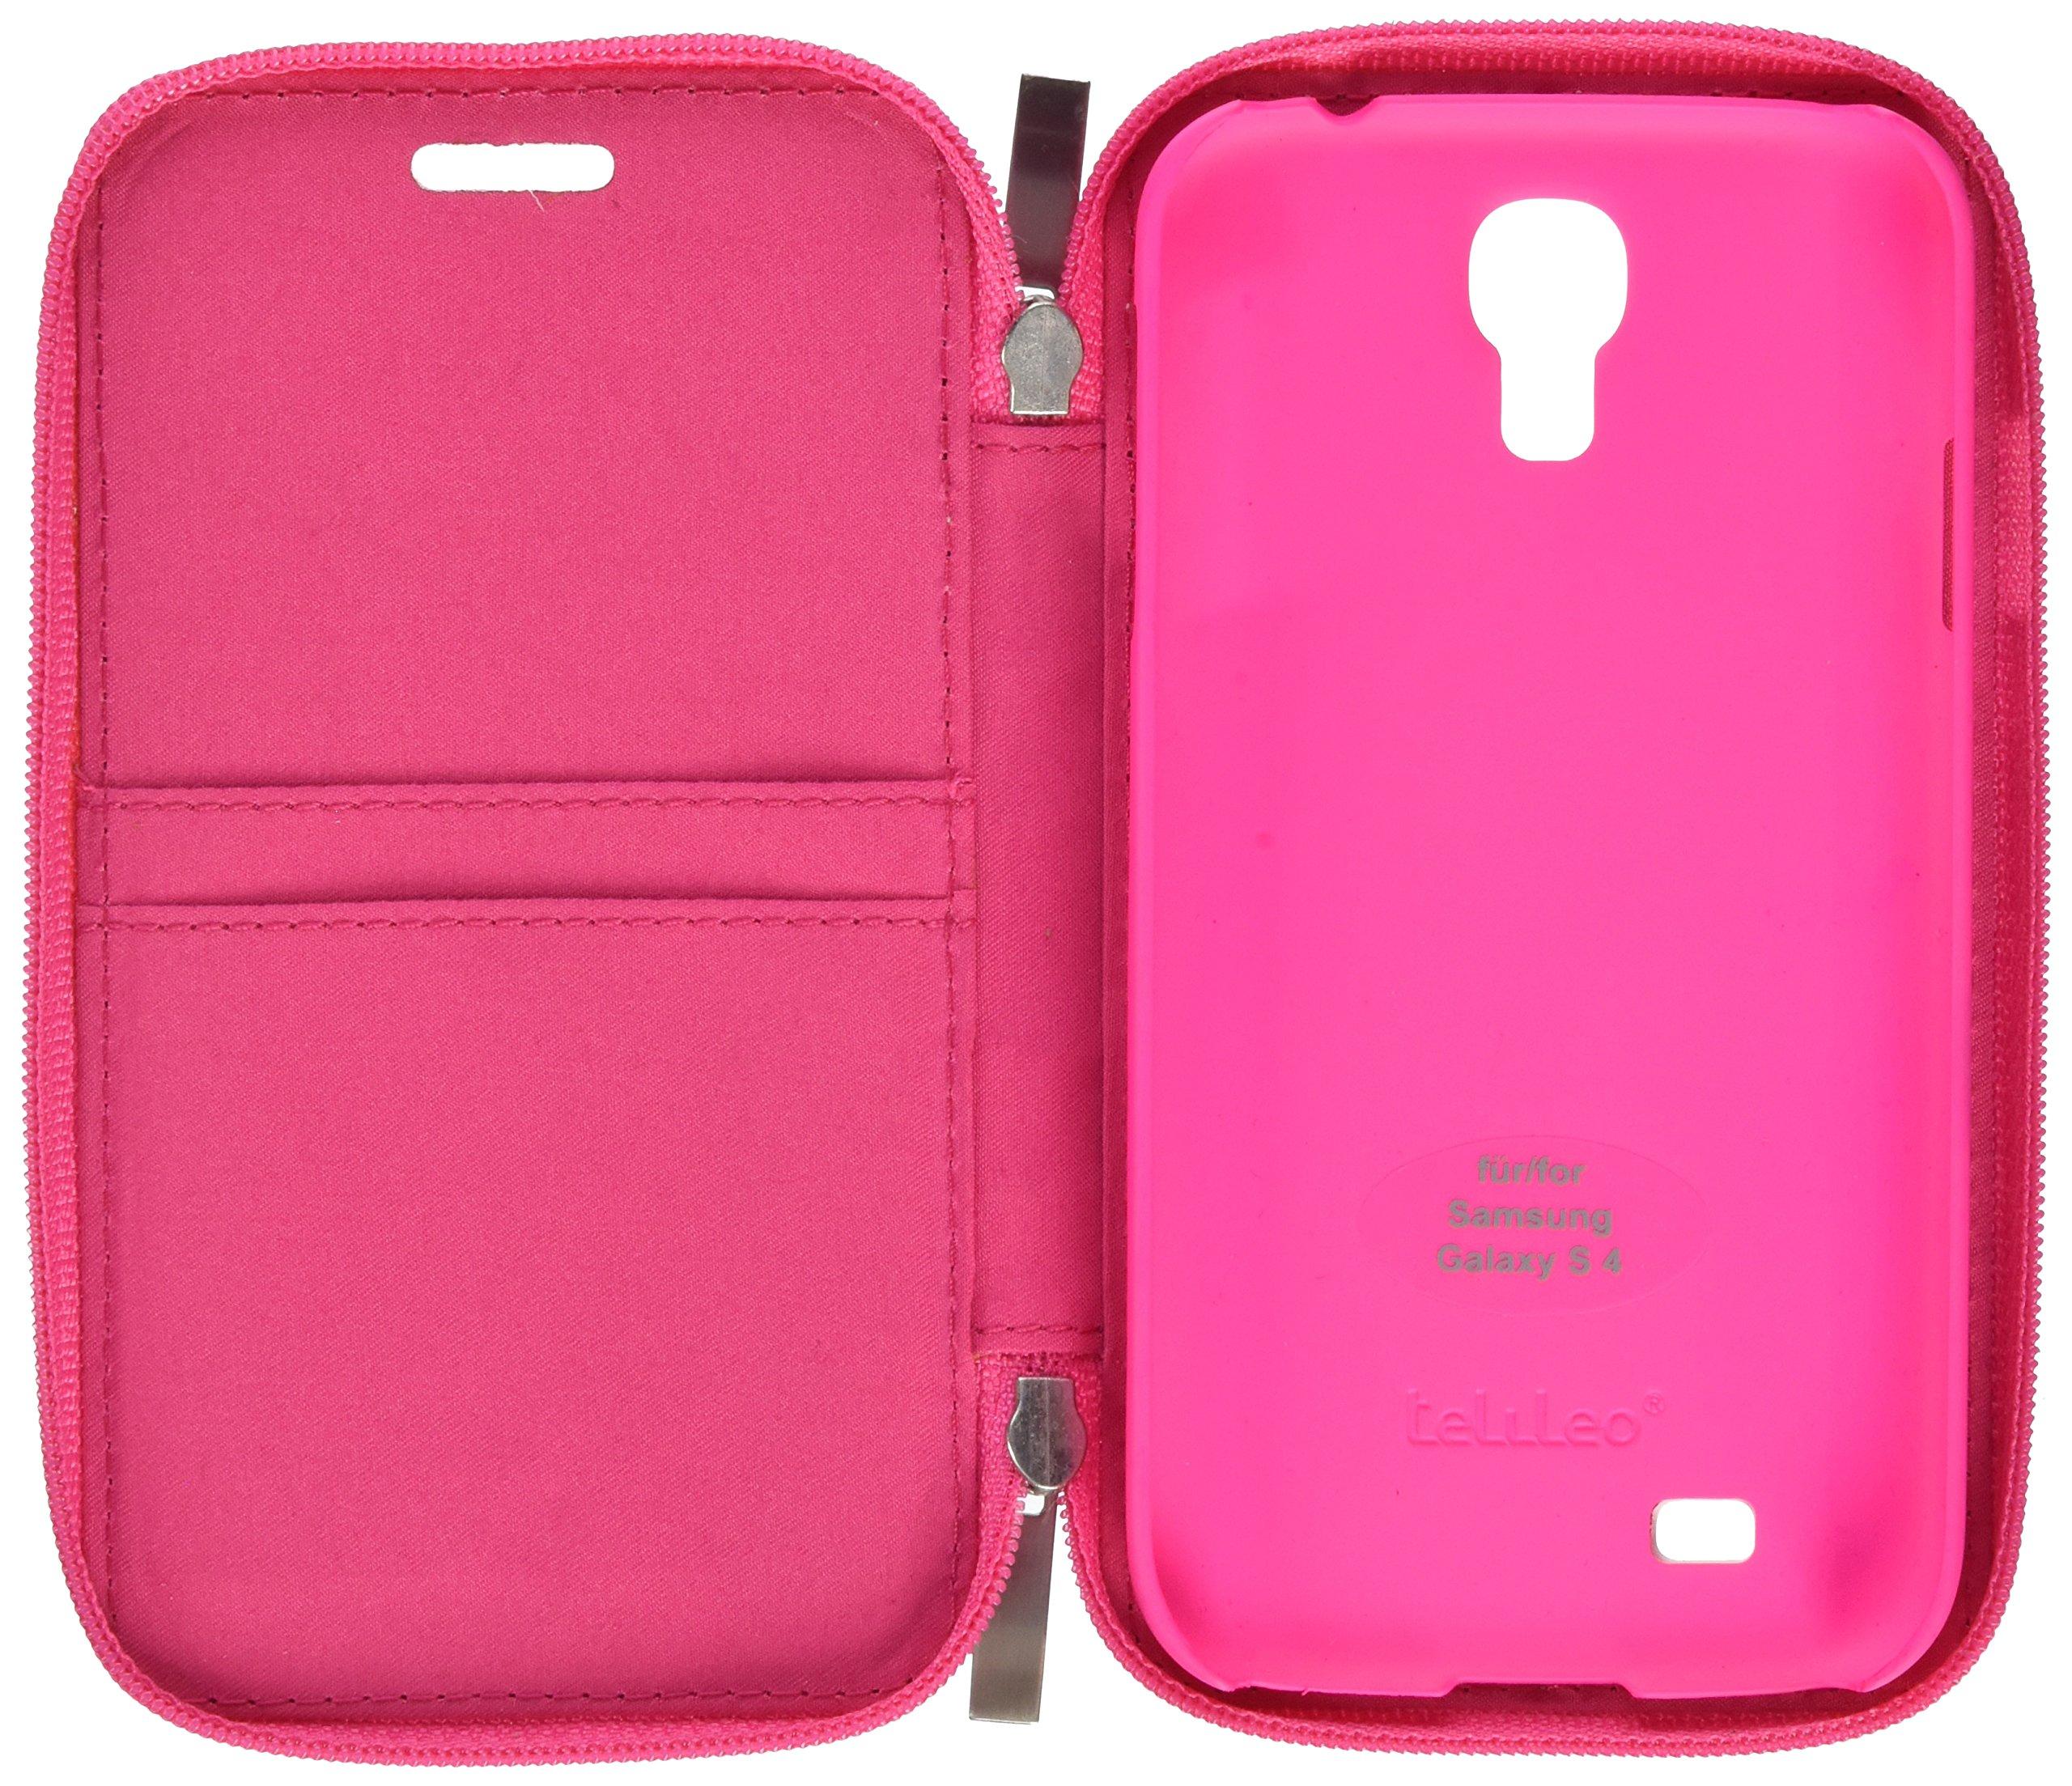 Telileo Carcasa 3551 Zip para Samsung Galaxy S4 Zara Rosa: Amazon.es: Electrónica